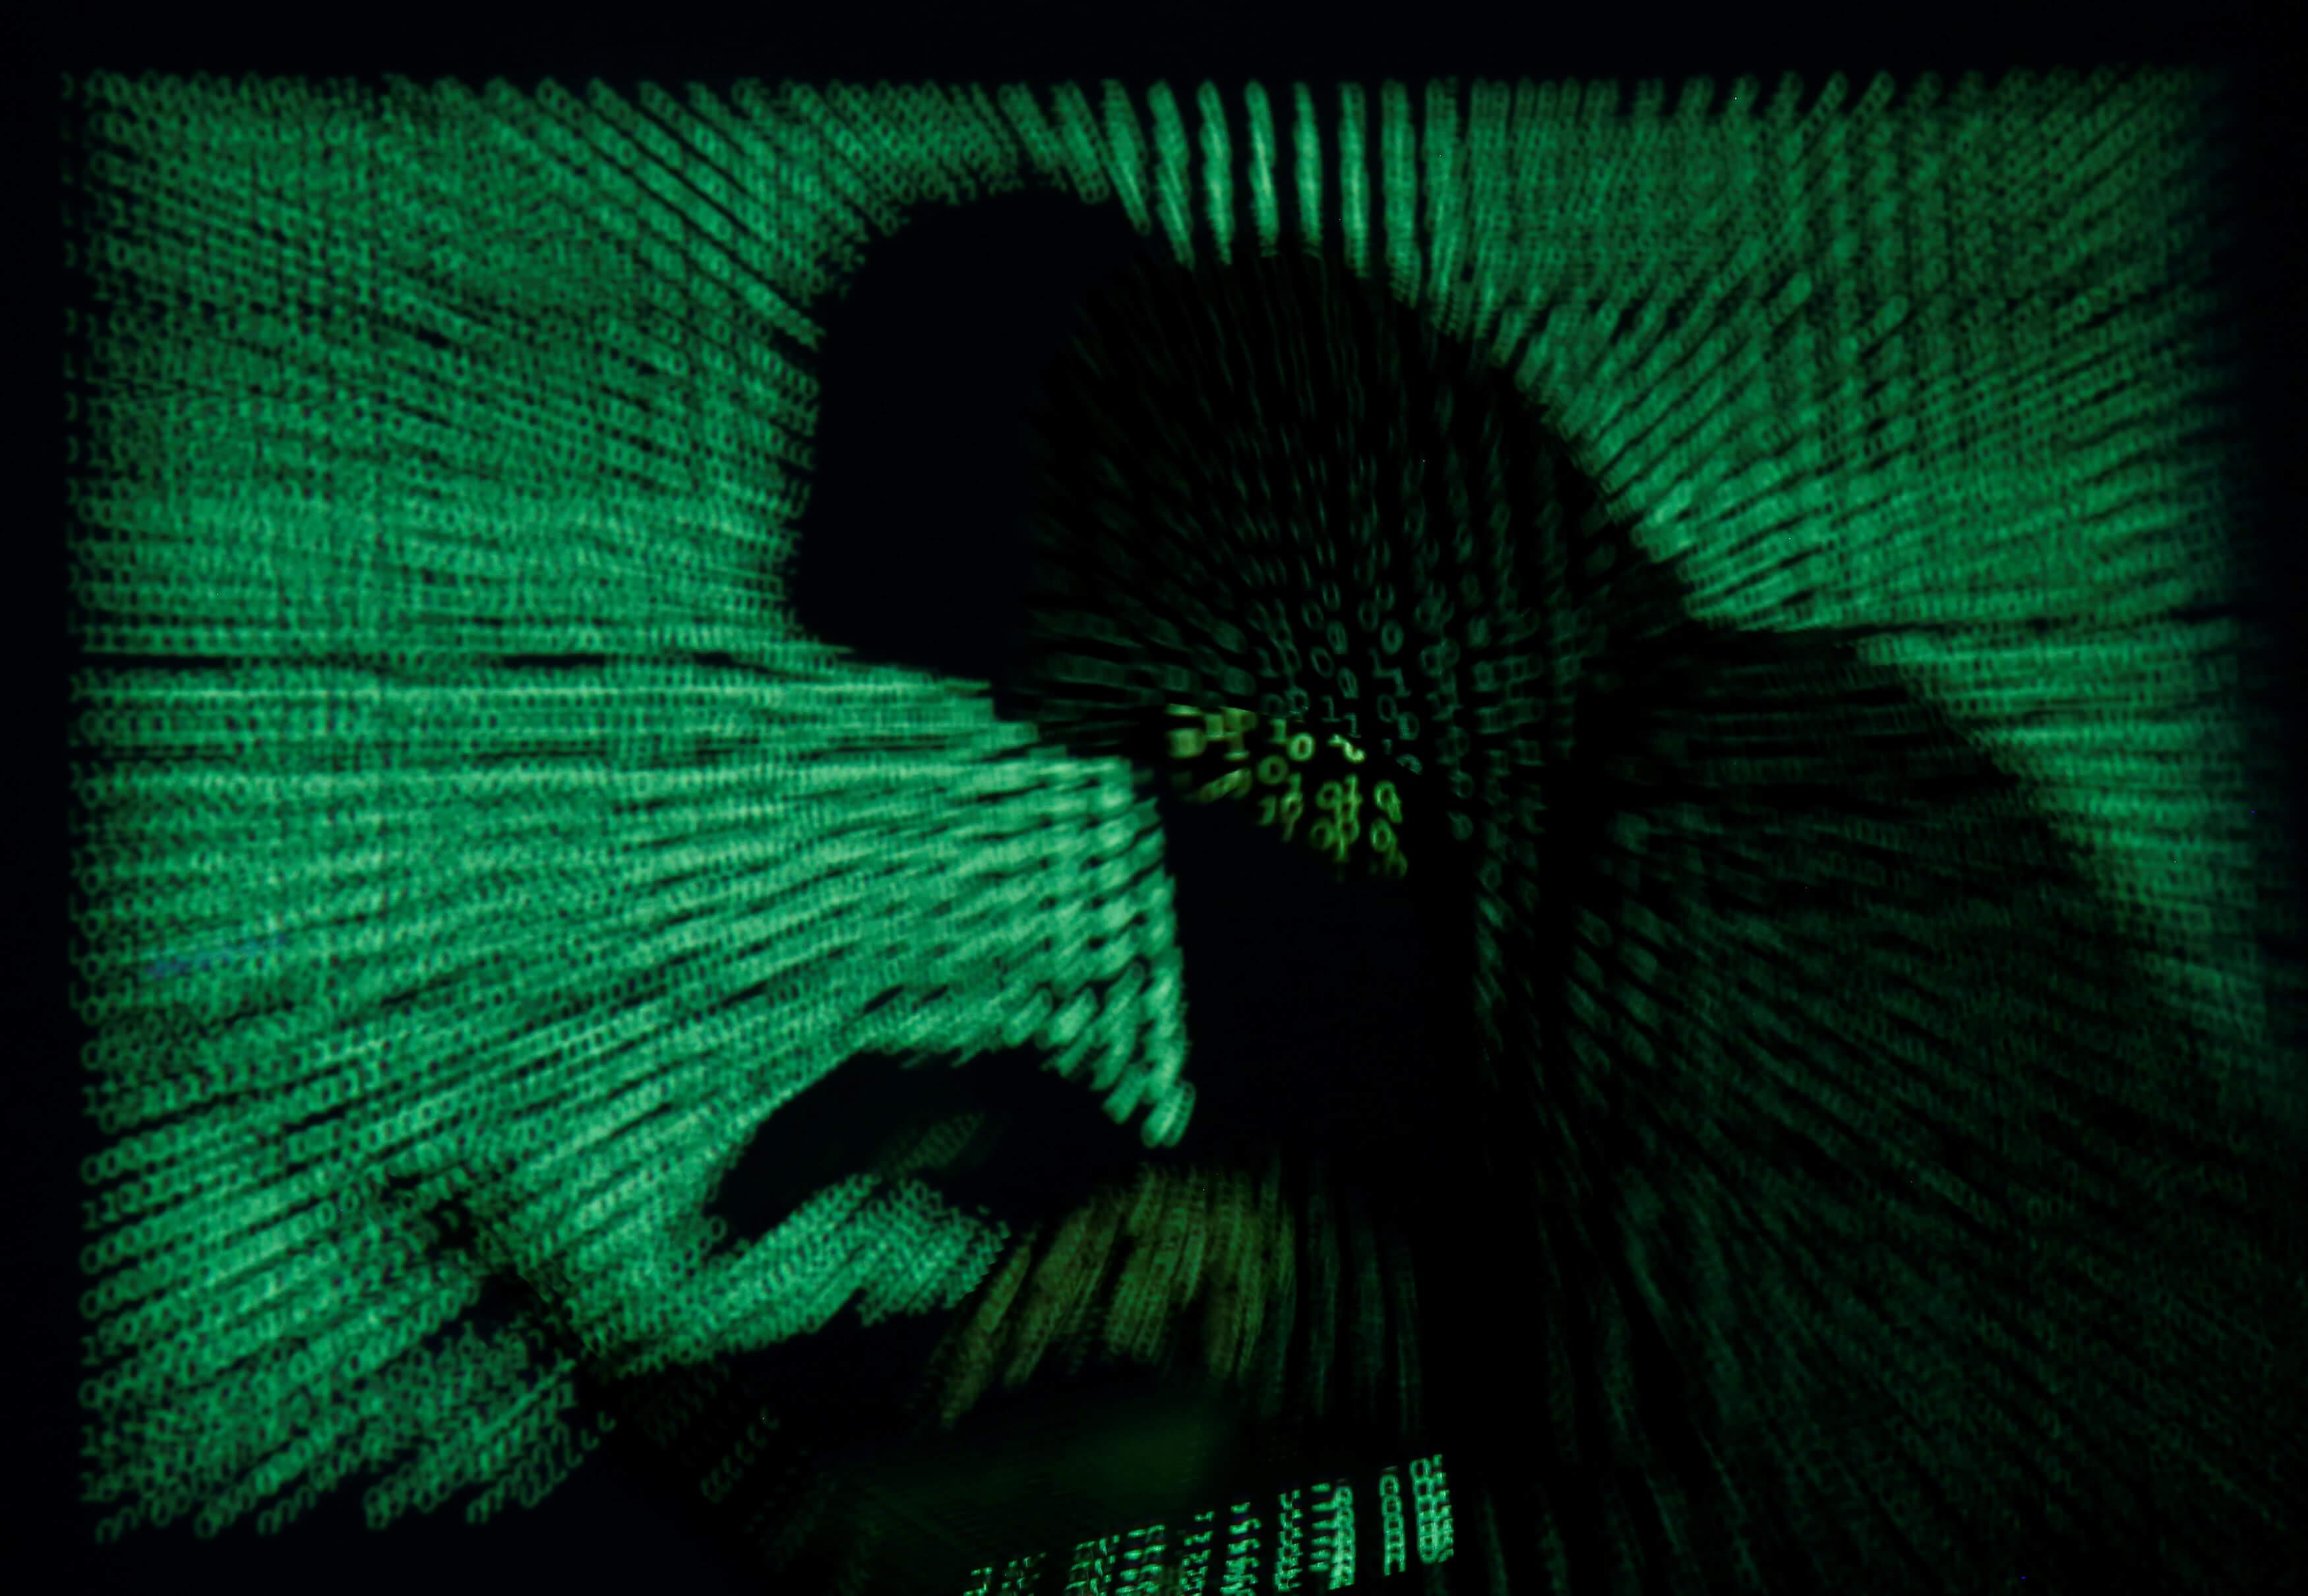 """Ψάχνουν τον """"δράκο"""" των social media μετά την καταγγελία βιασμού από 16χρονη"""